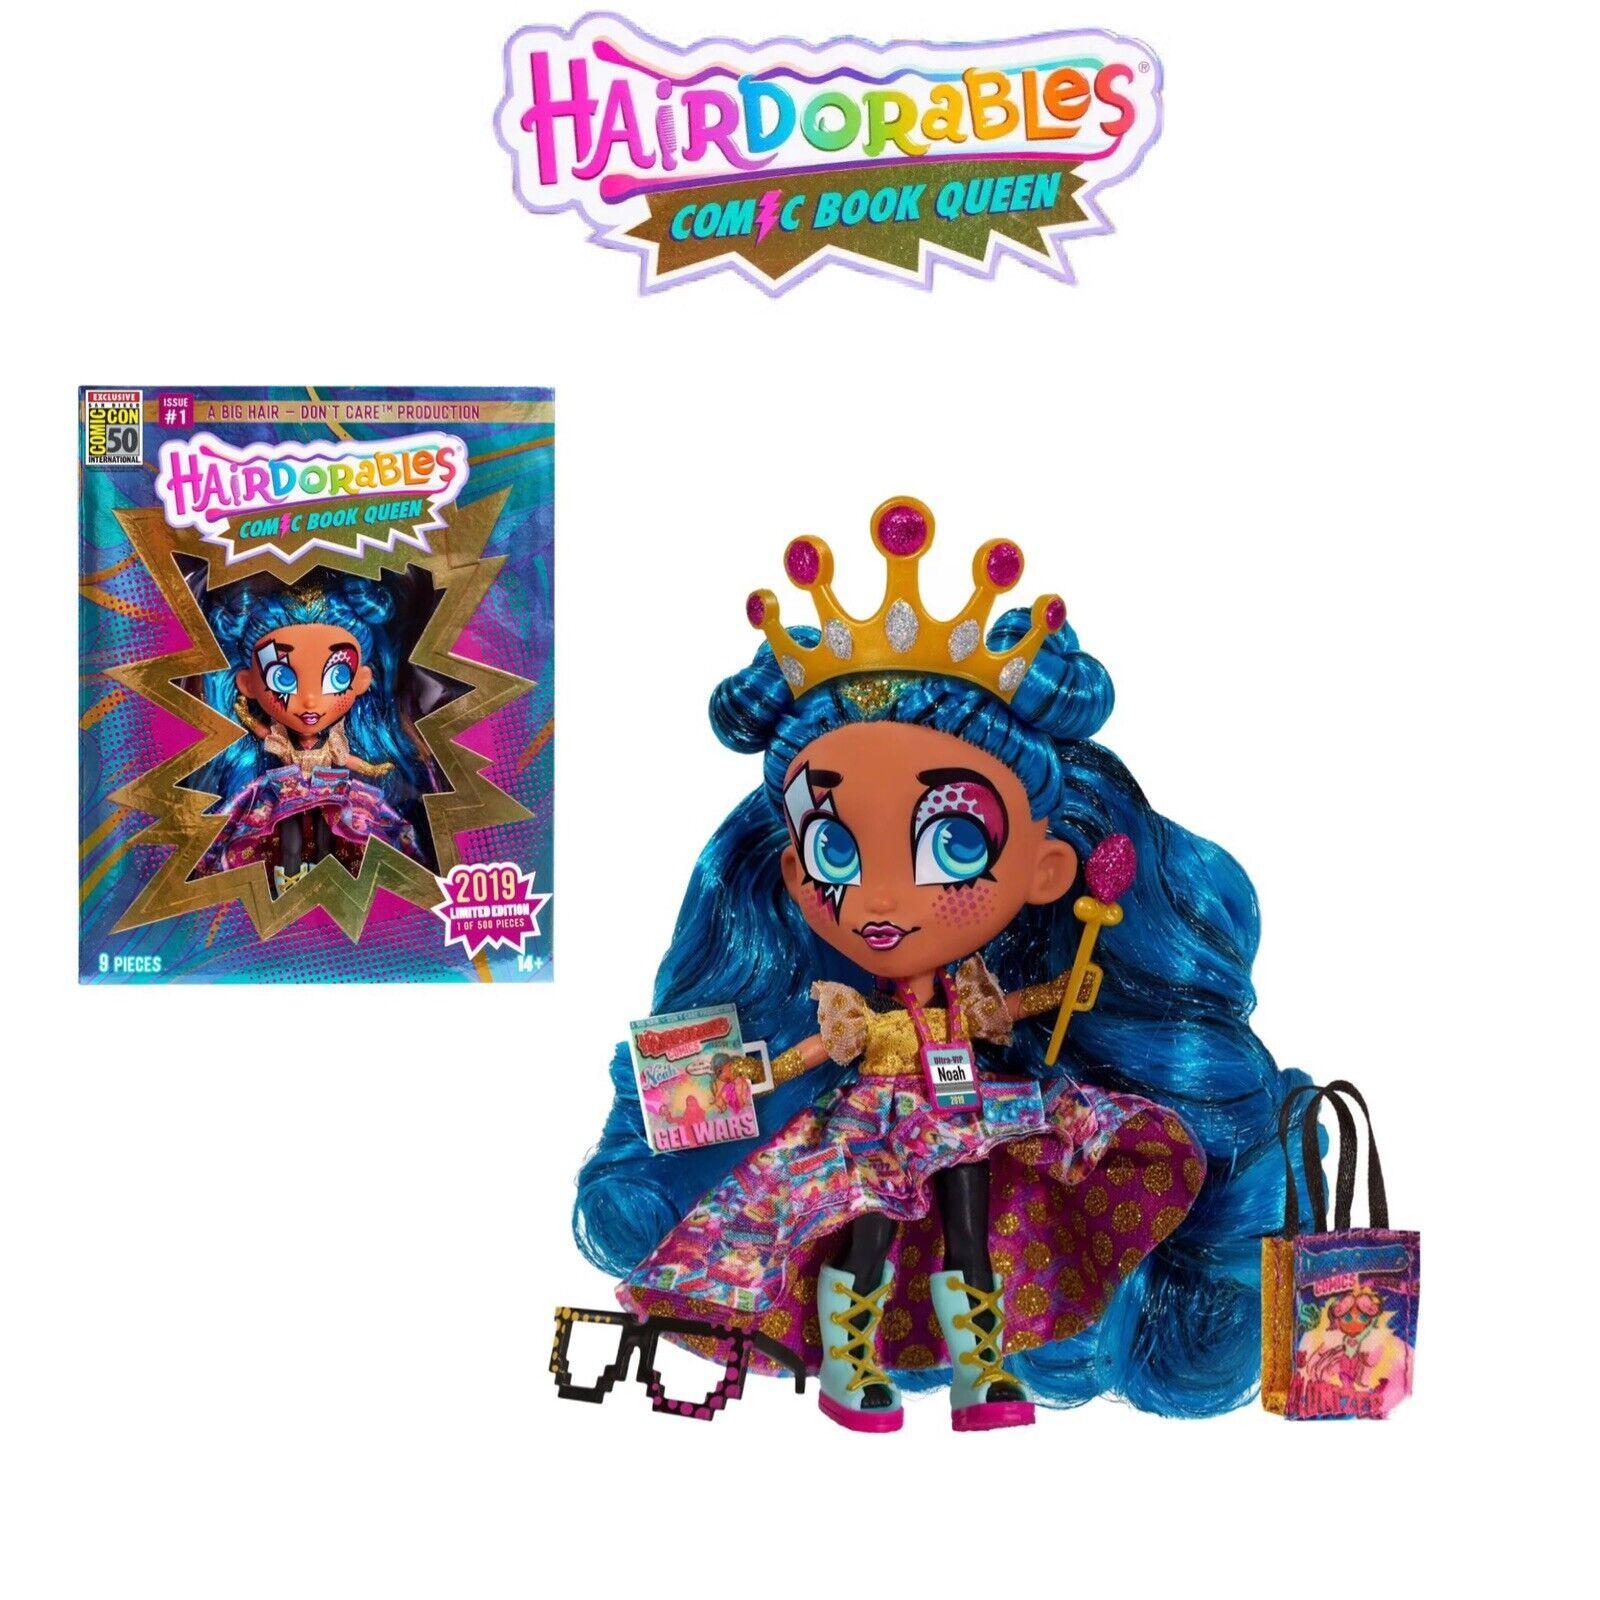 Hairdorables Comic Book Reina exclusiva Muñeca Nueva Edición Limitada Convención de UCC